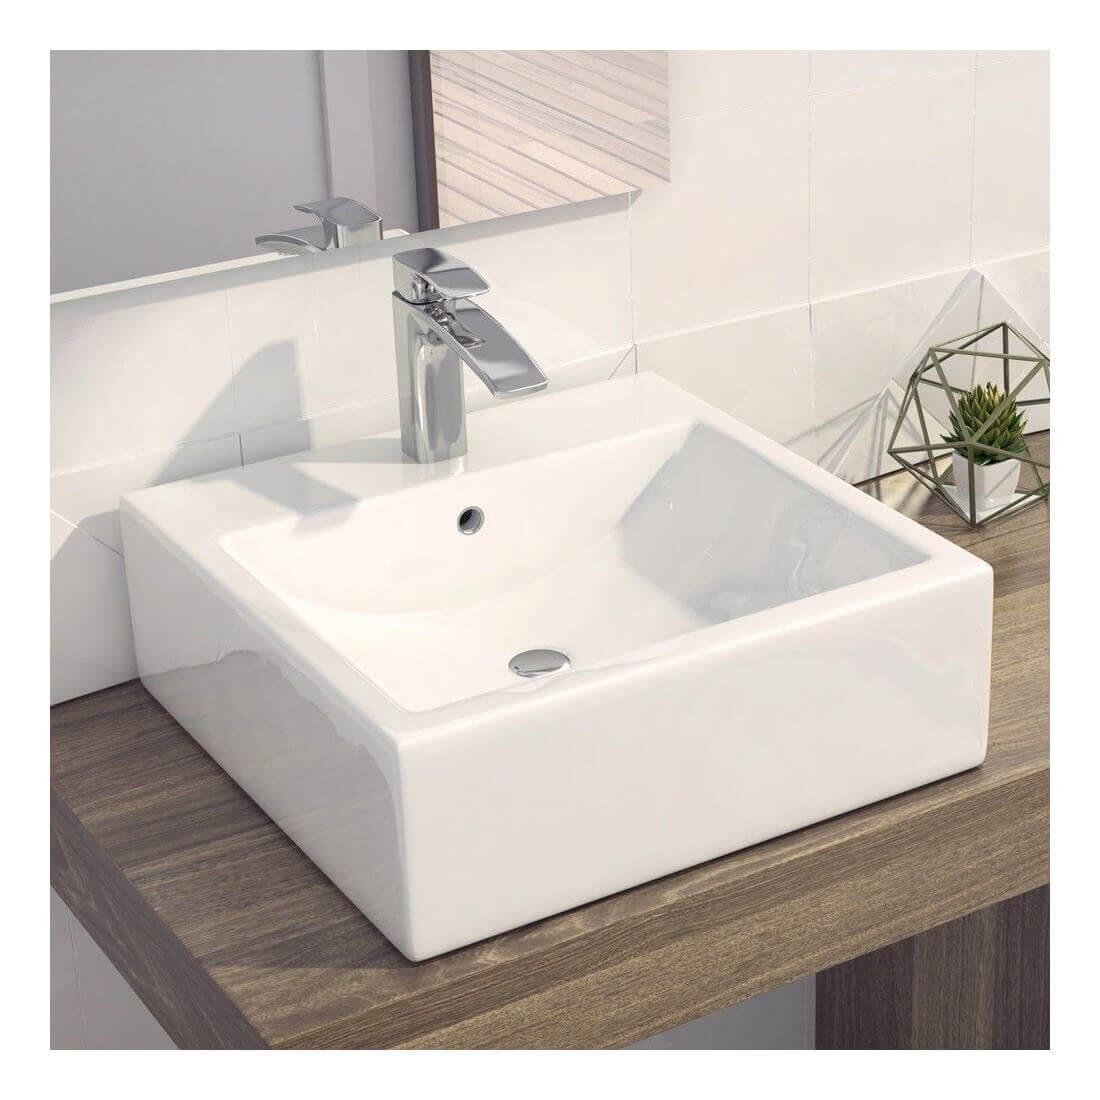 Encimeras de lavabo fabulous encimera de lavabo de madera for Lavabo bajo encimera rectangular